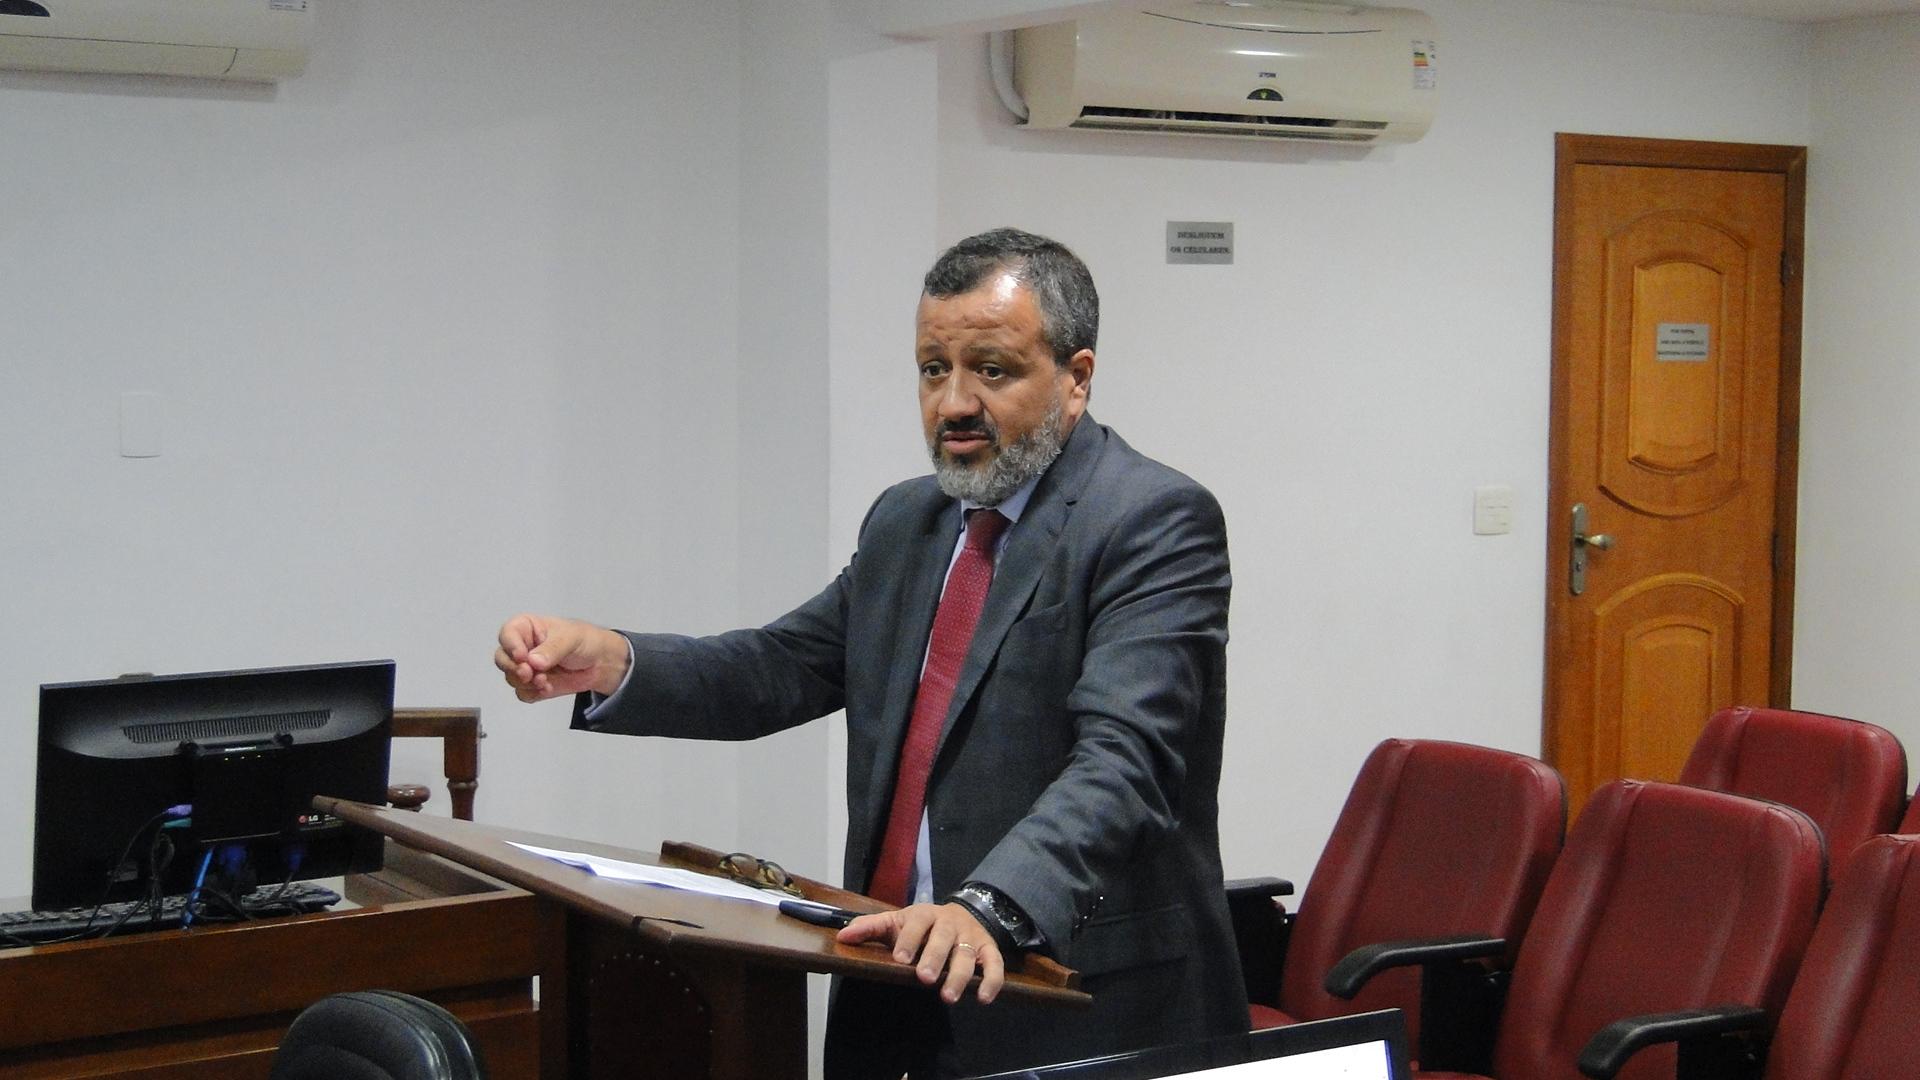 Nenê, ex-Vasco, é advertido pela Terceira Comissão